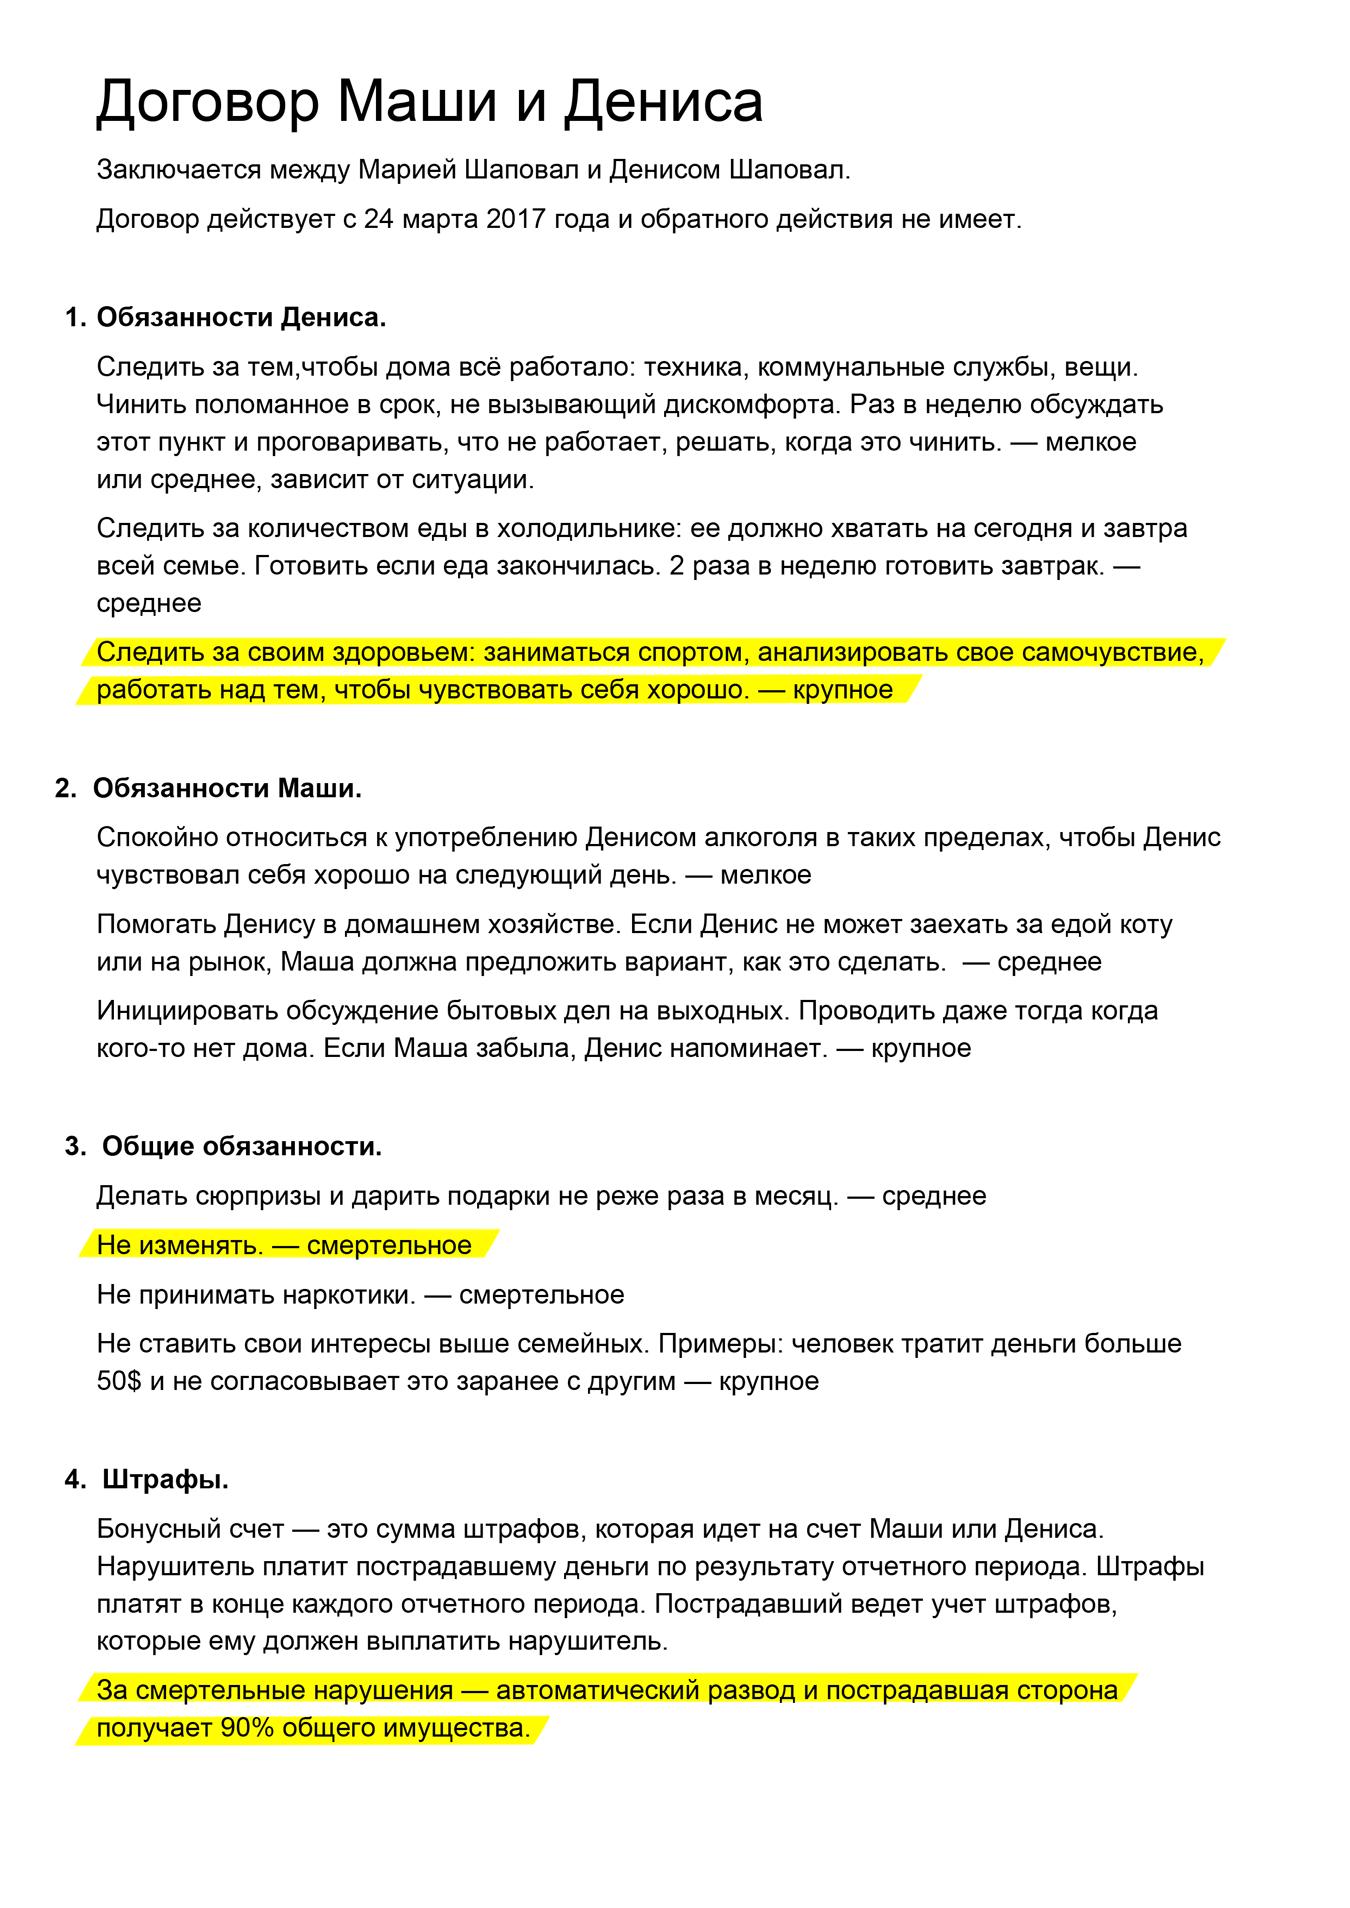 Первая версия договора